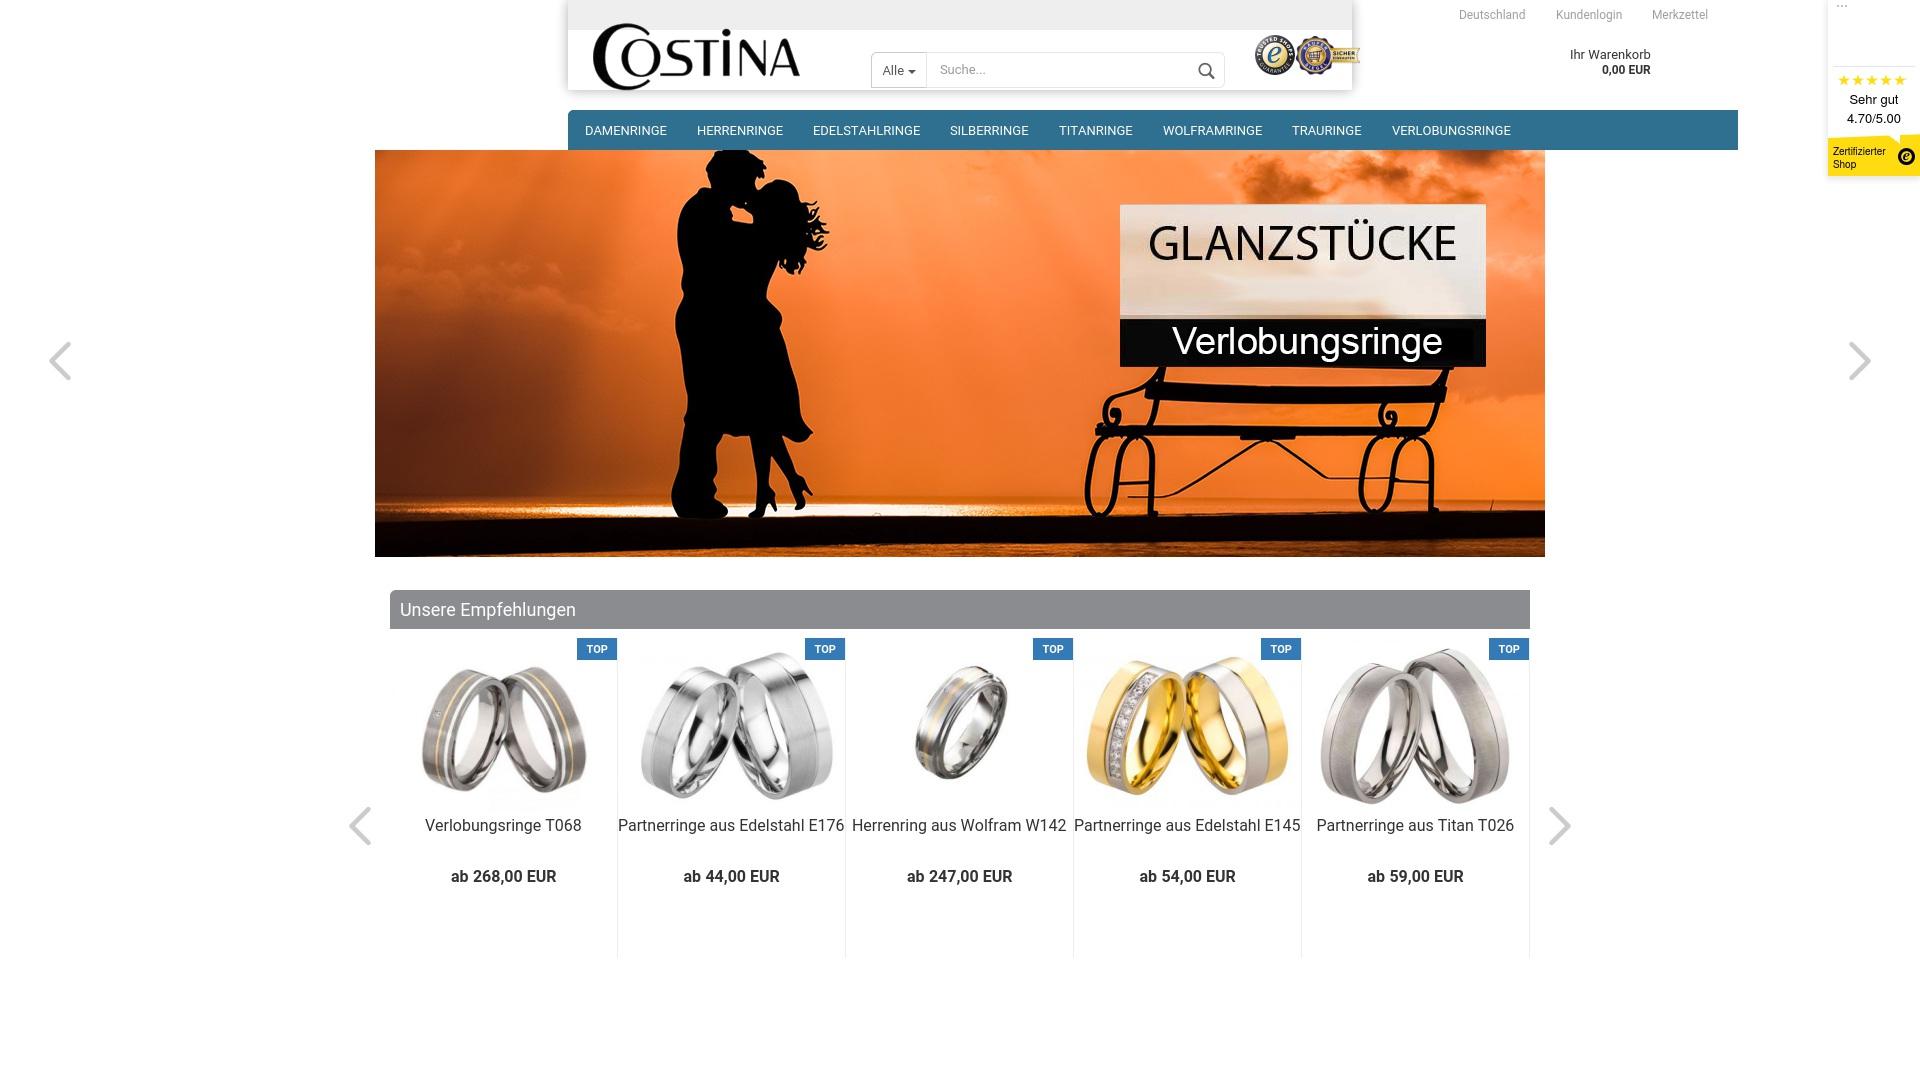 Gutschein für Costina-shop: Rabatte für  Costina-shop sichern